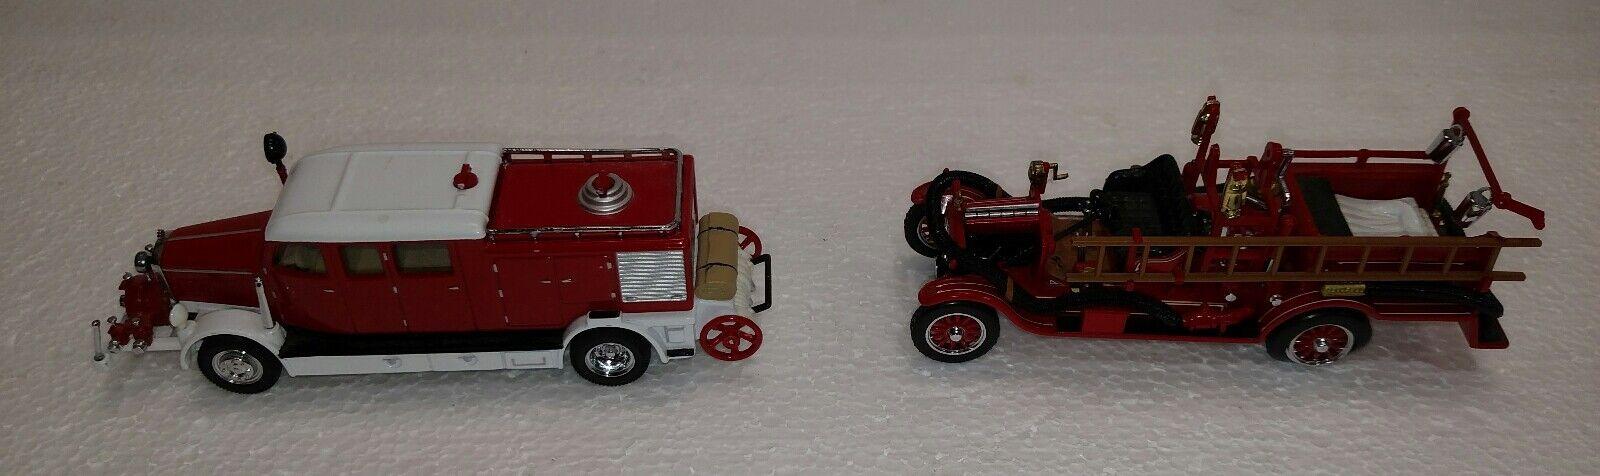 ventas al por mayor Modelos Matchbox de antaño camiones de bomberos Lote de 2 2 2 1916 Modelo T 1938 Mercedes KS  la red entera más baja